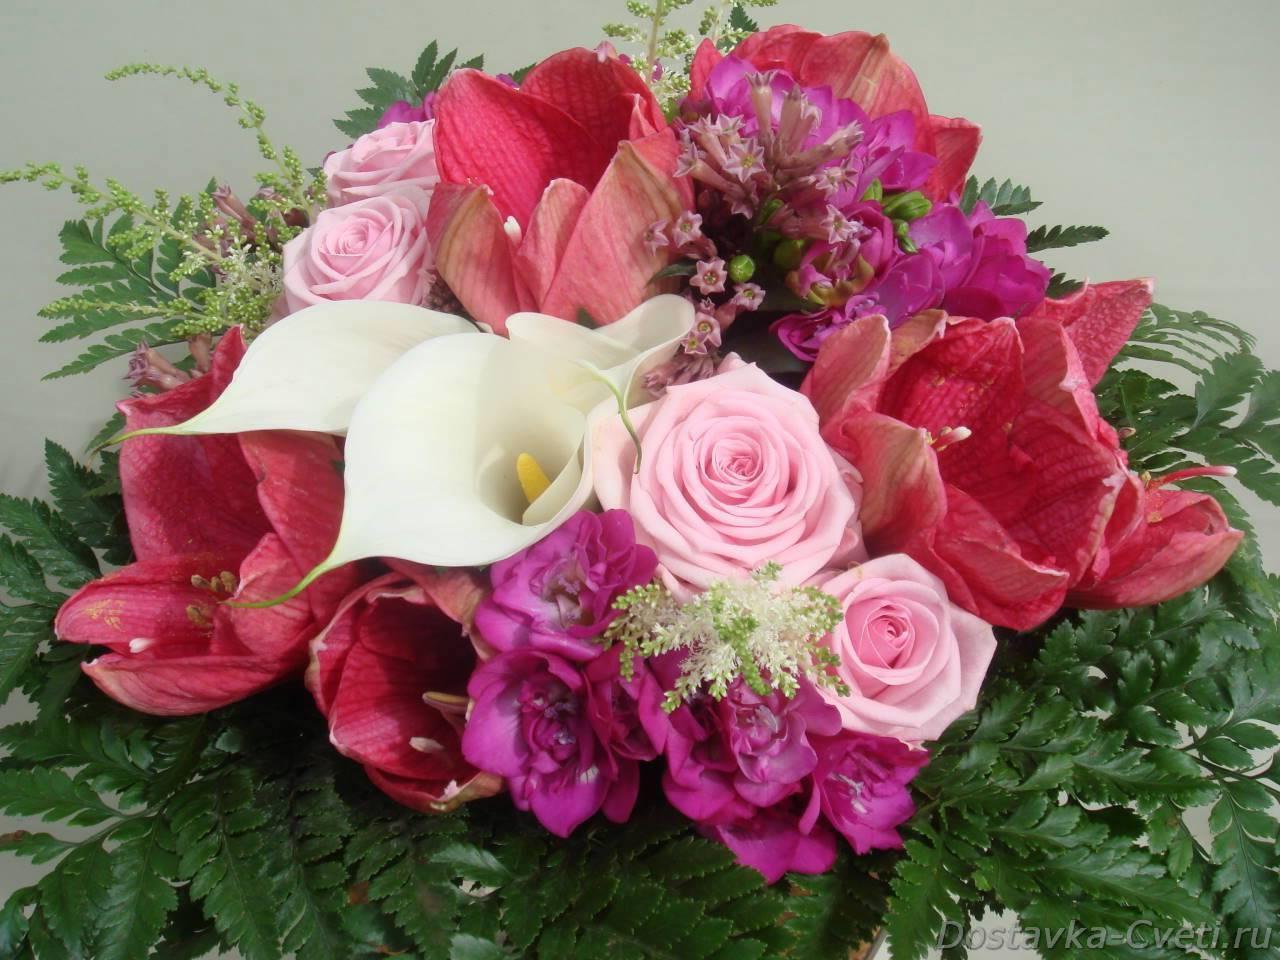 Цветы фото букеты в контакте